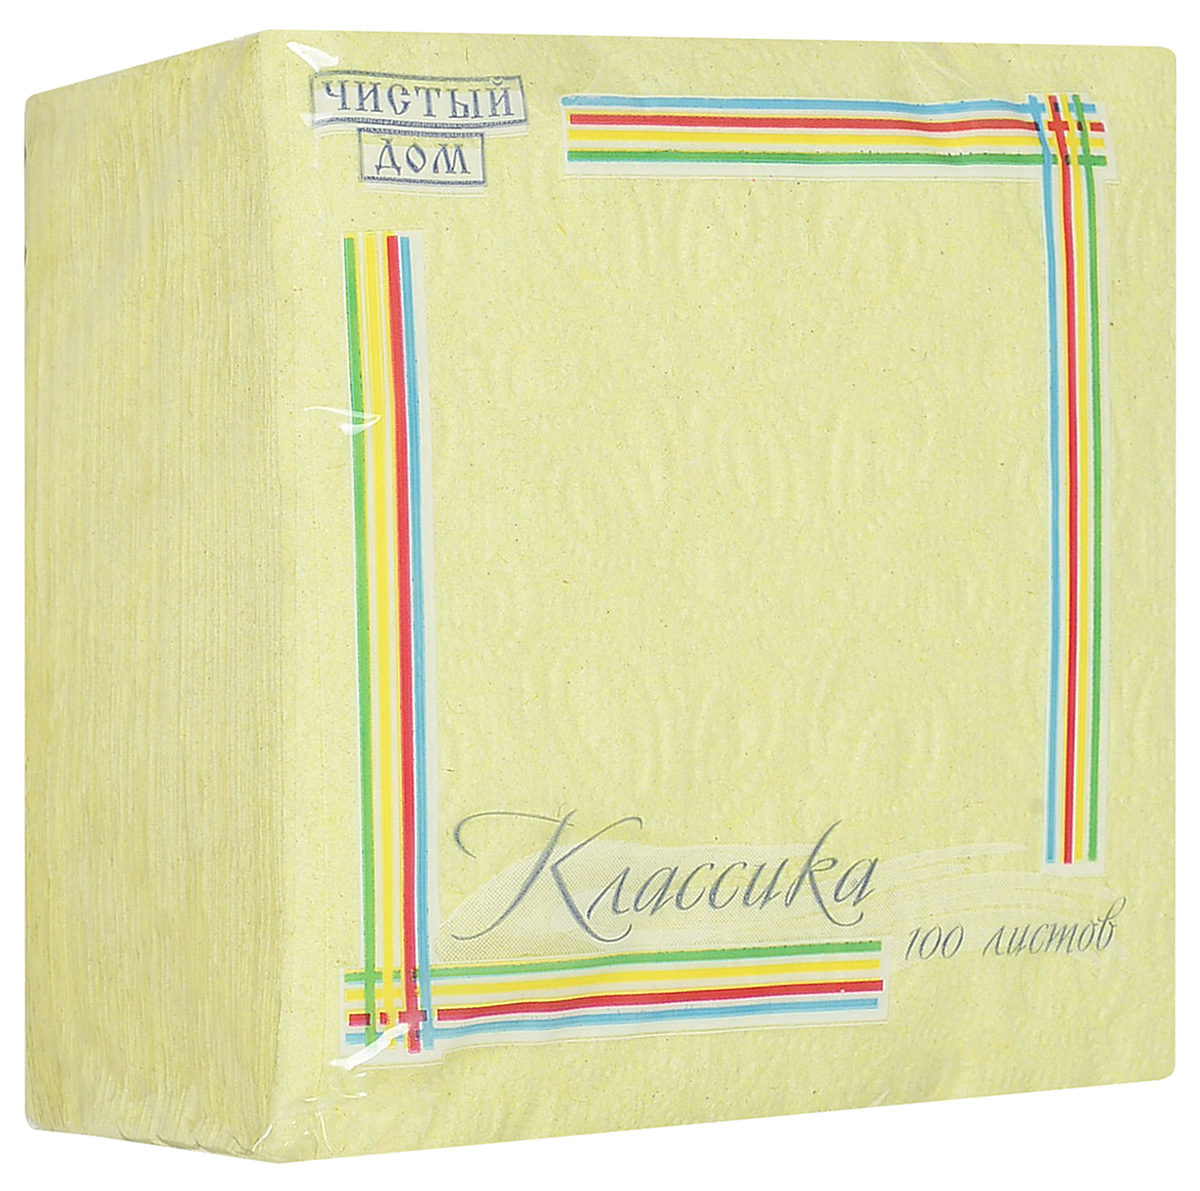 Салфетки Чистый дом Классика, однослойные, цвет: желтый, 24 х 24 см. 100 шт